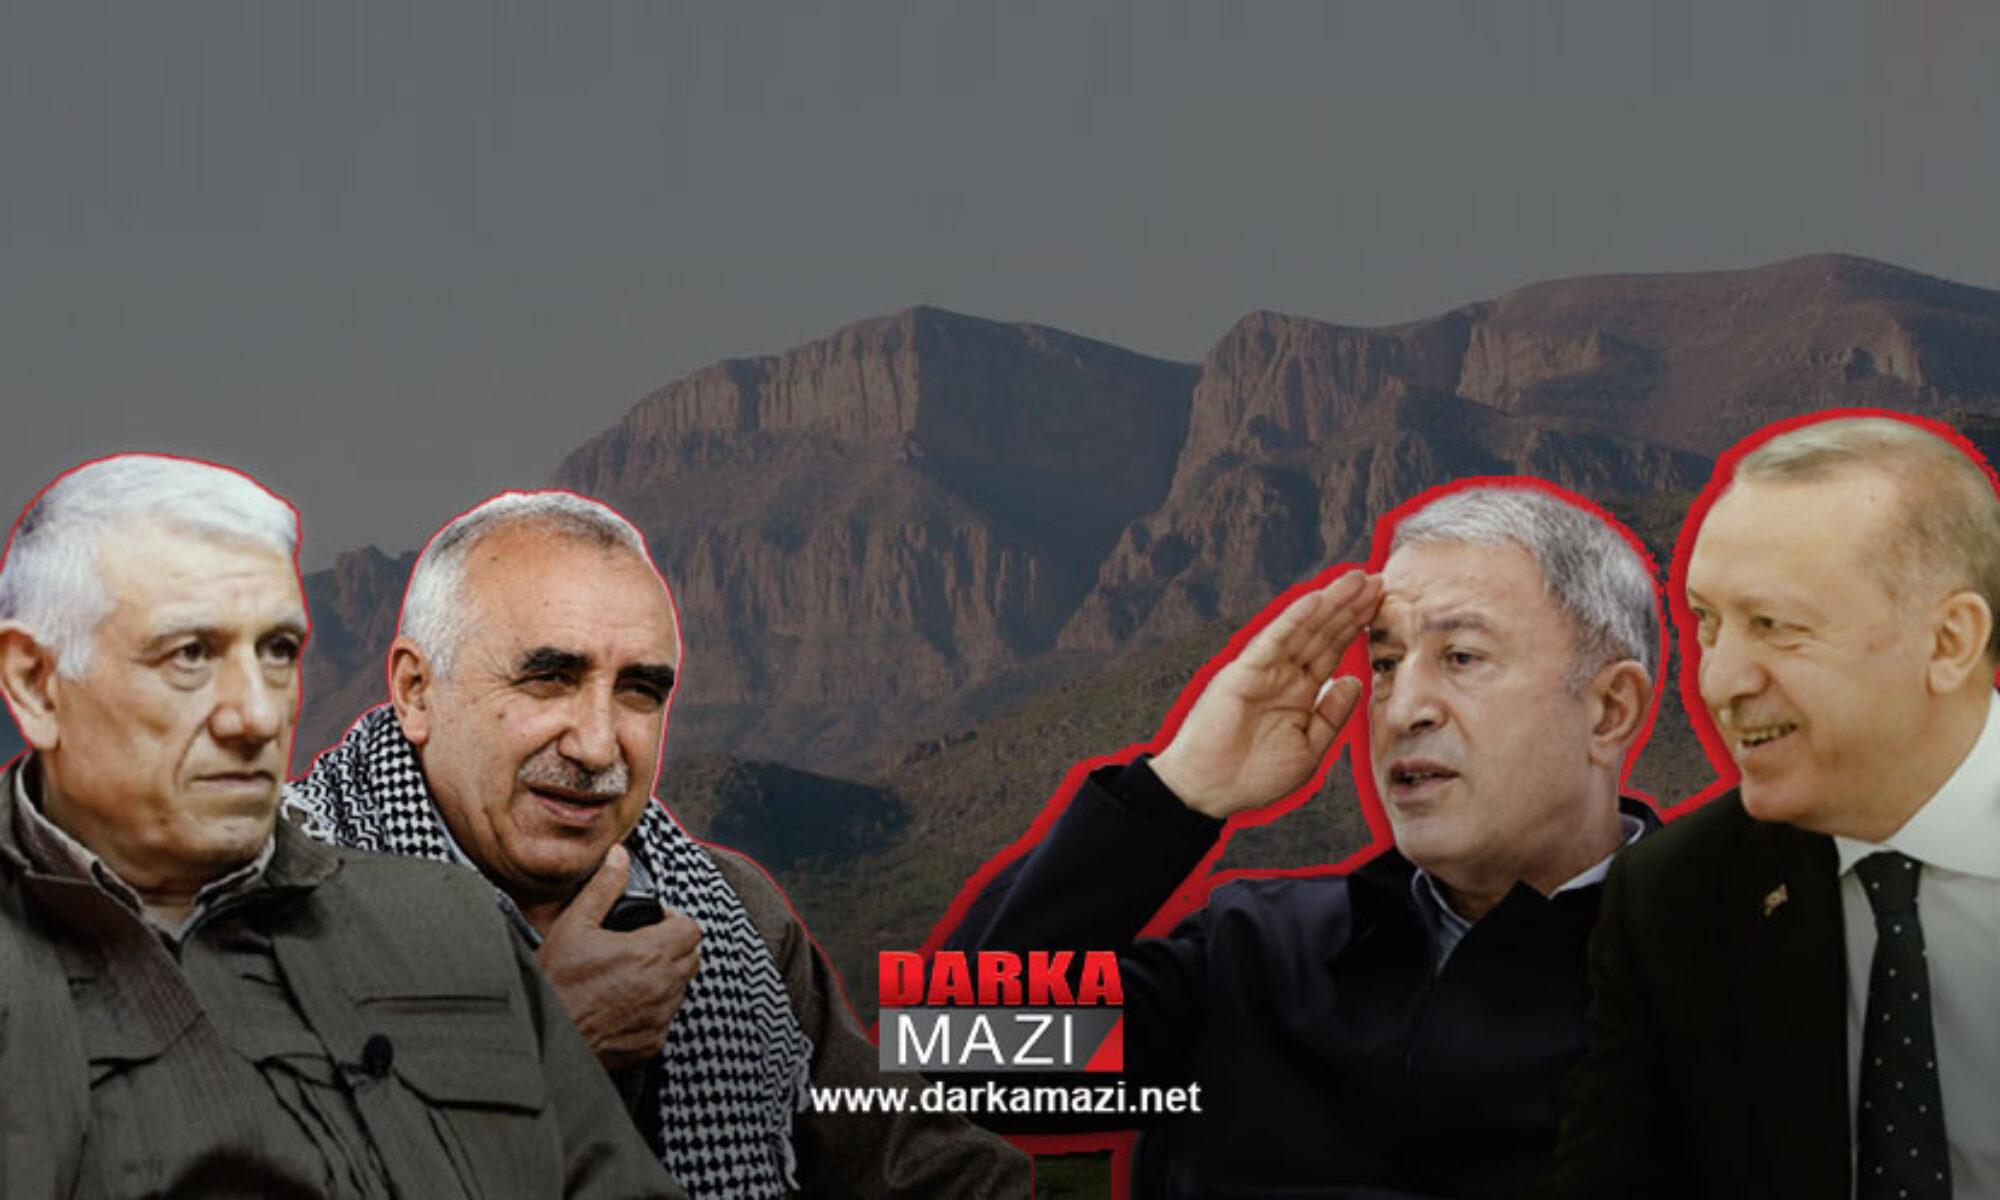 Boşaltılan Keste köyü Türkiye'nin demokratikleştirilmesine mi kurban edildi?Berwari Bala, Cemil Bayık Murat Karayılan, Gerilla, Peşmerge, TSK; PKK, KCK, gerilla,